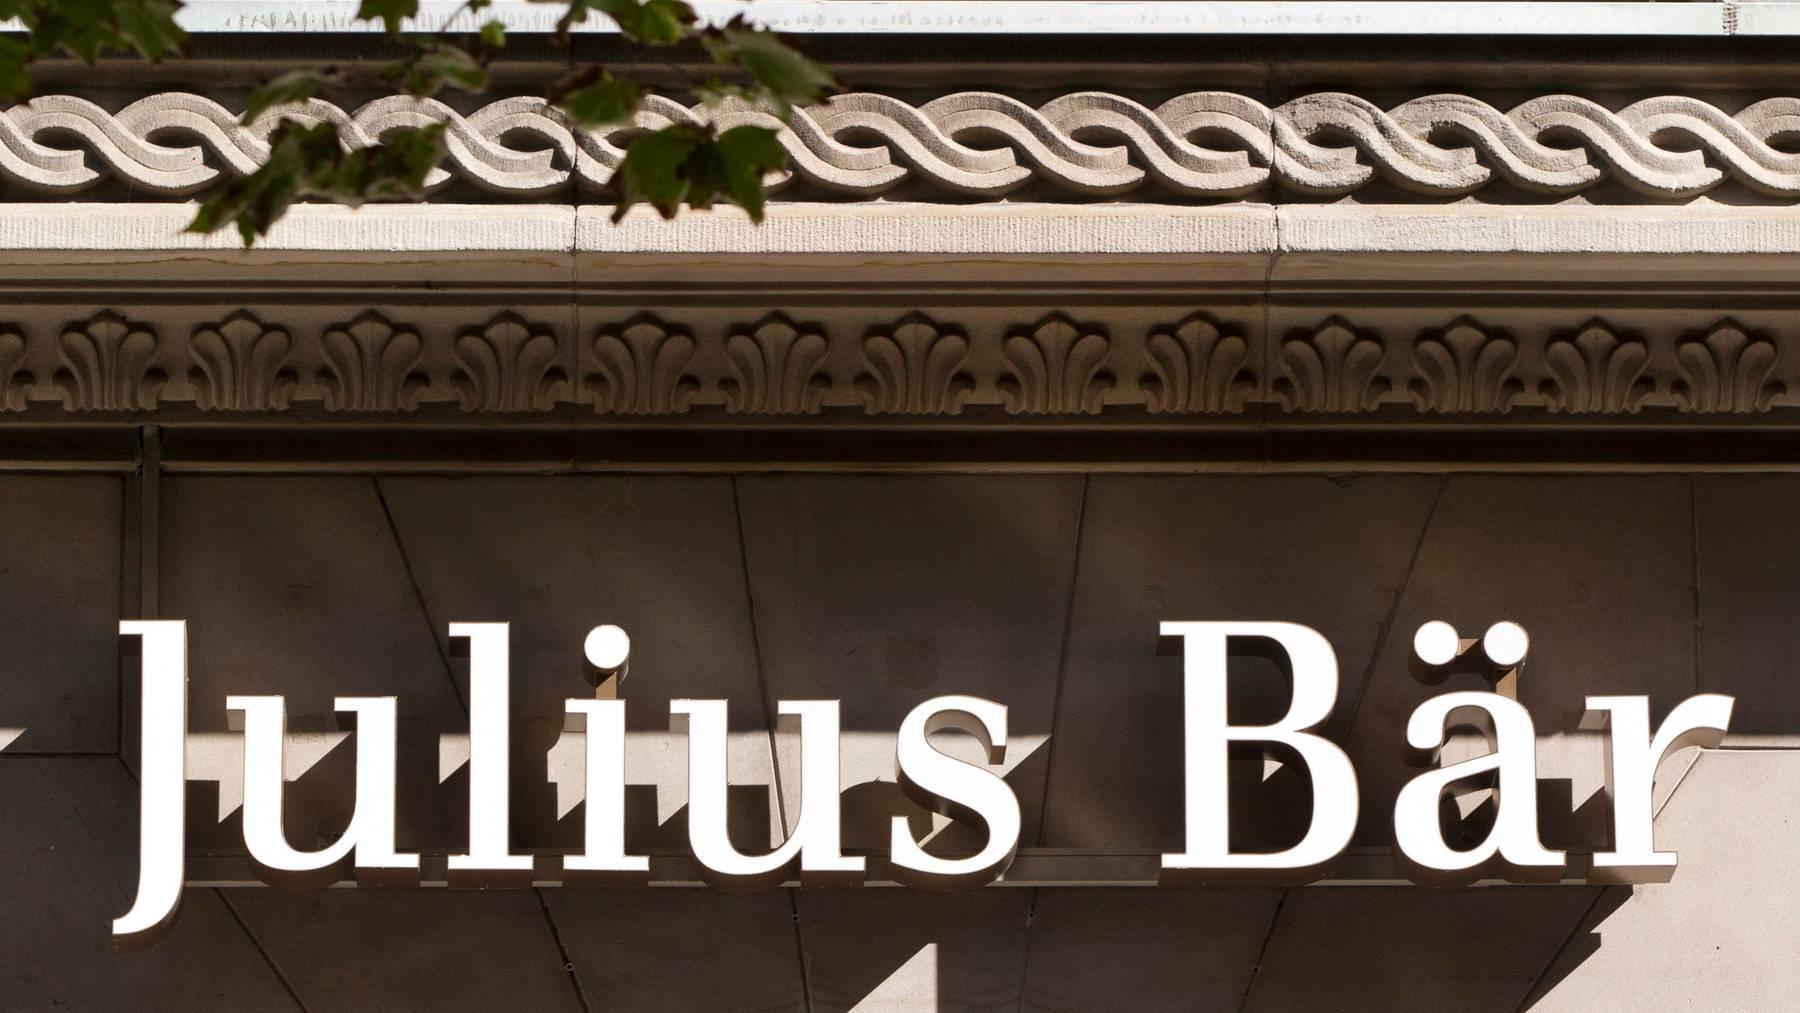 In den ersten vier Monaten von 2020 verringerten sich die von Julius Bär verwalteten Vermögen um 8 Prozent.